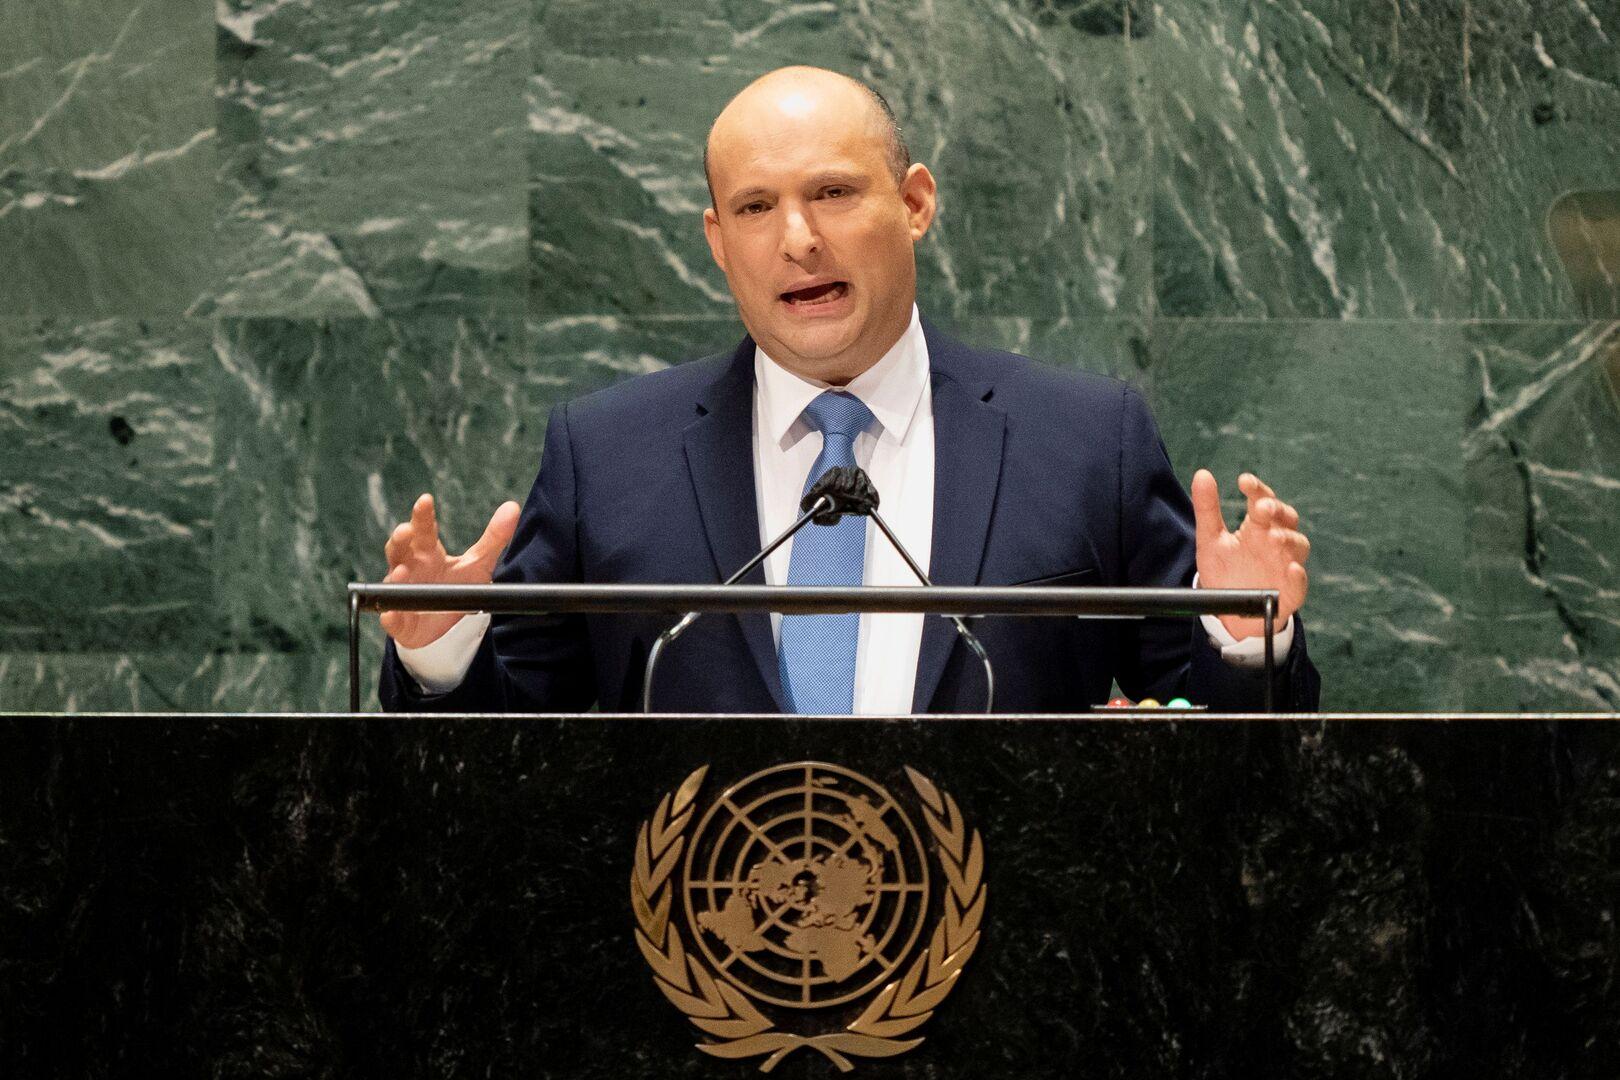 بينيت: المؤسسات الدولية غير عادلة تجاهنا